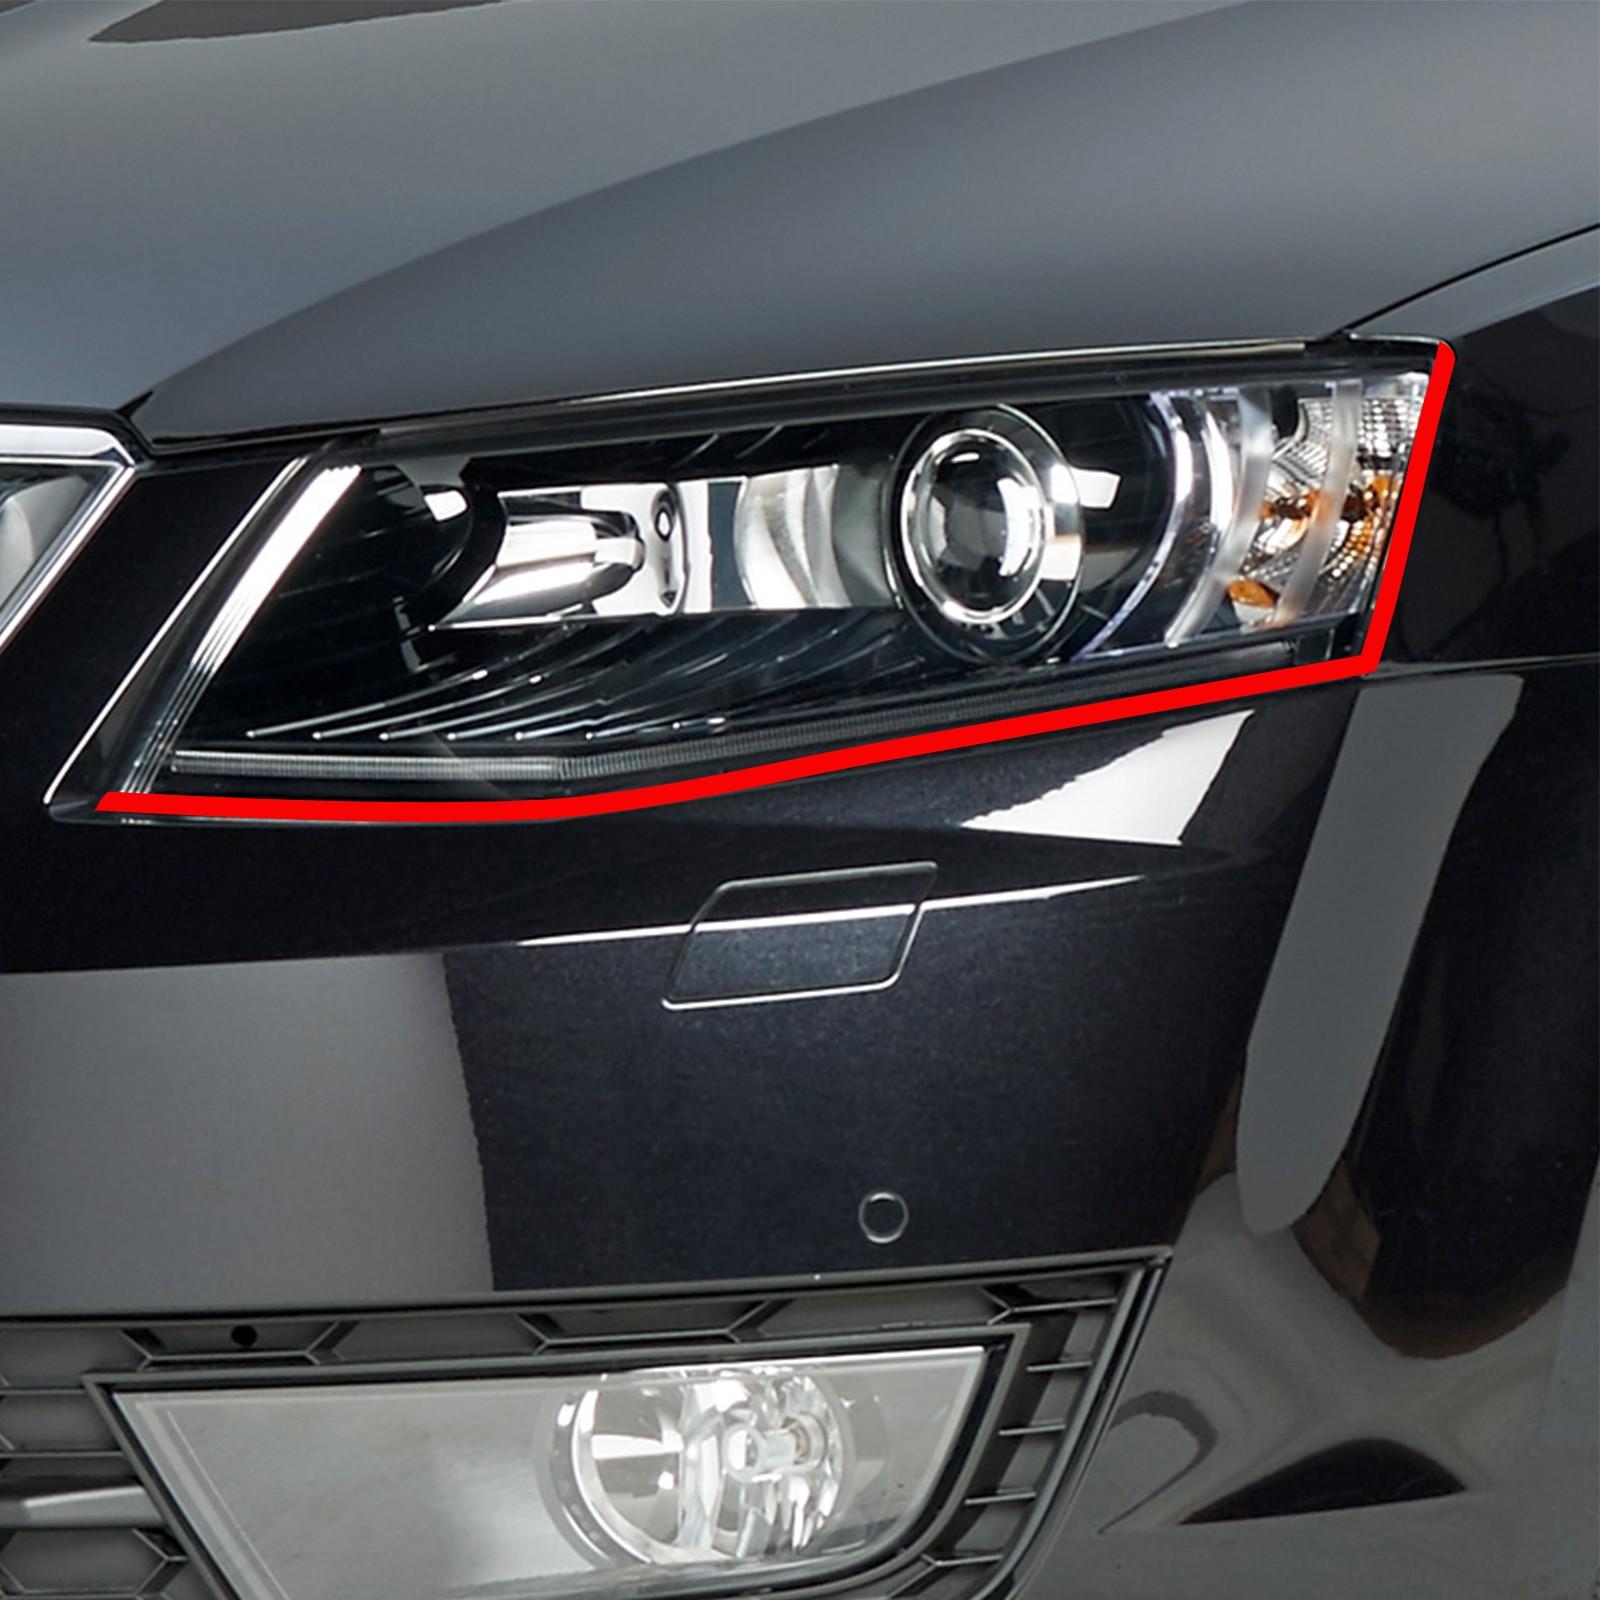 Böser Blick passend für Skoda octavia Auto Scheinwerfer Folie